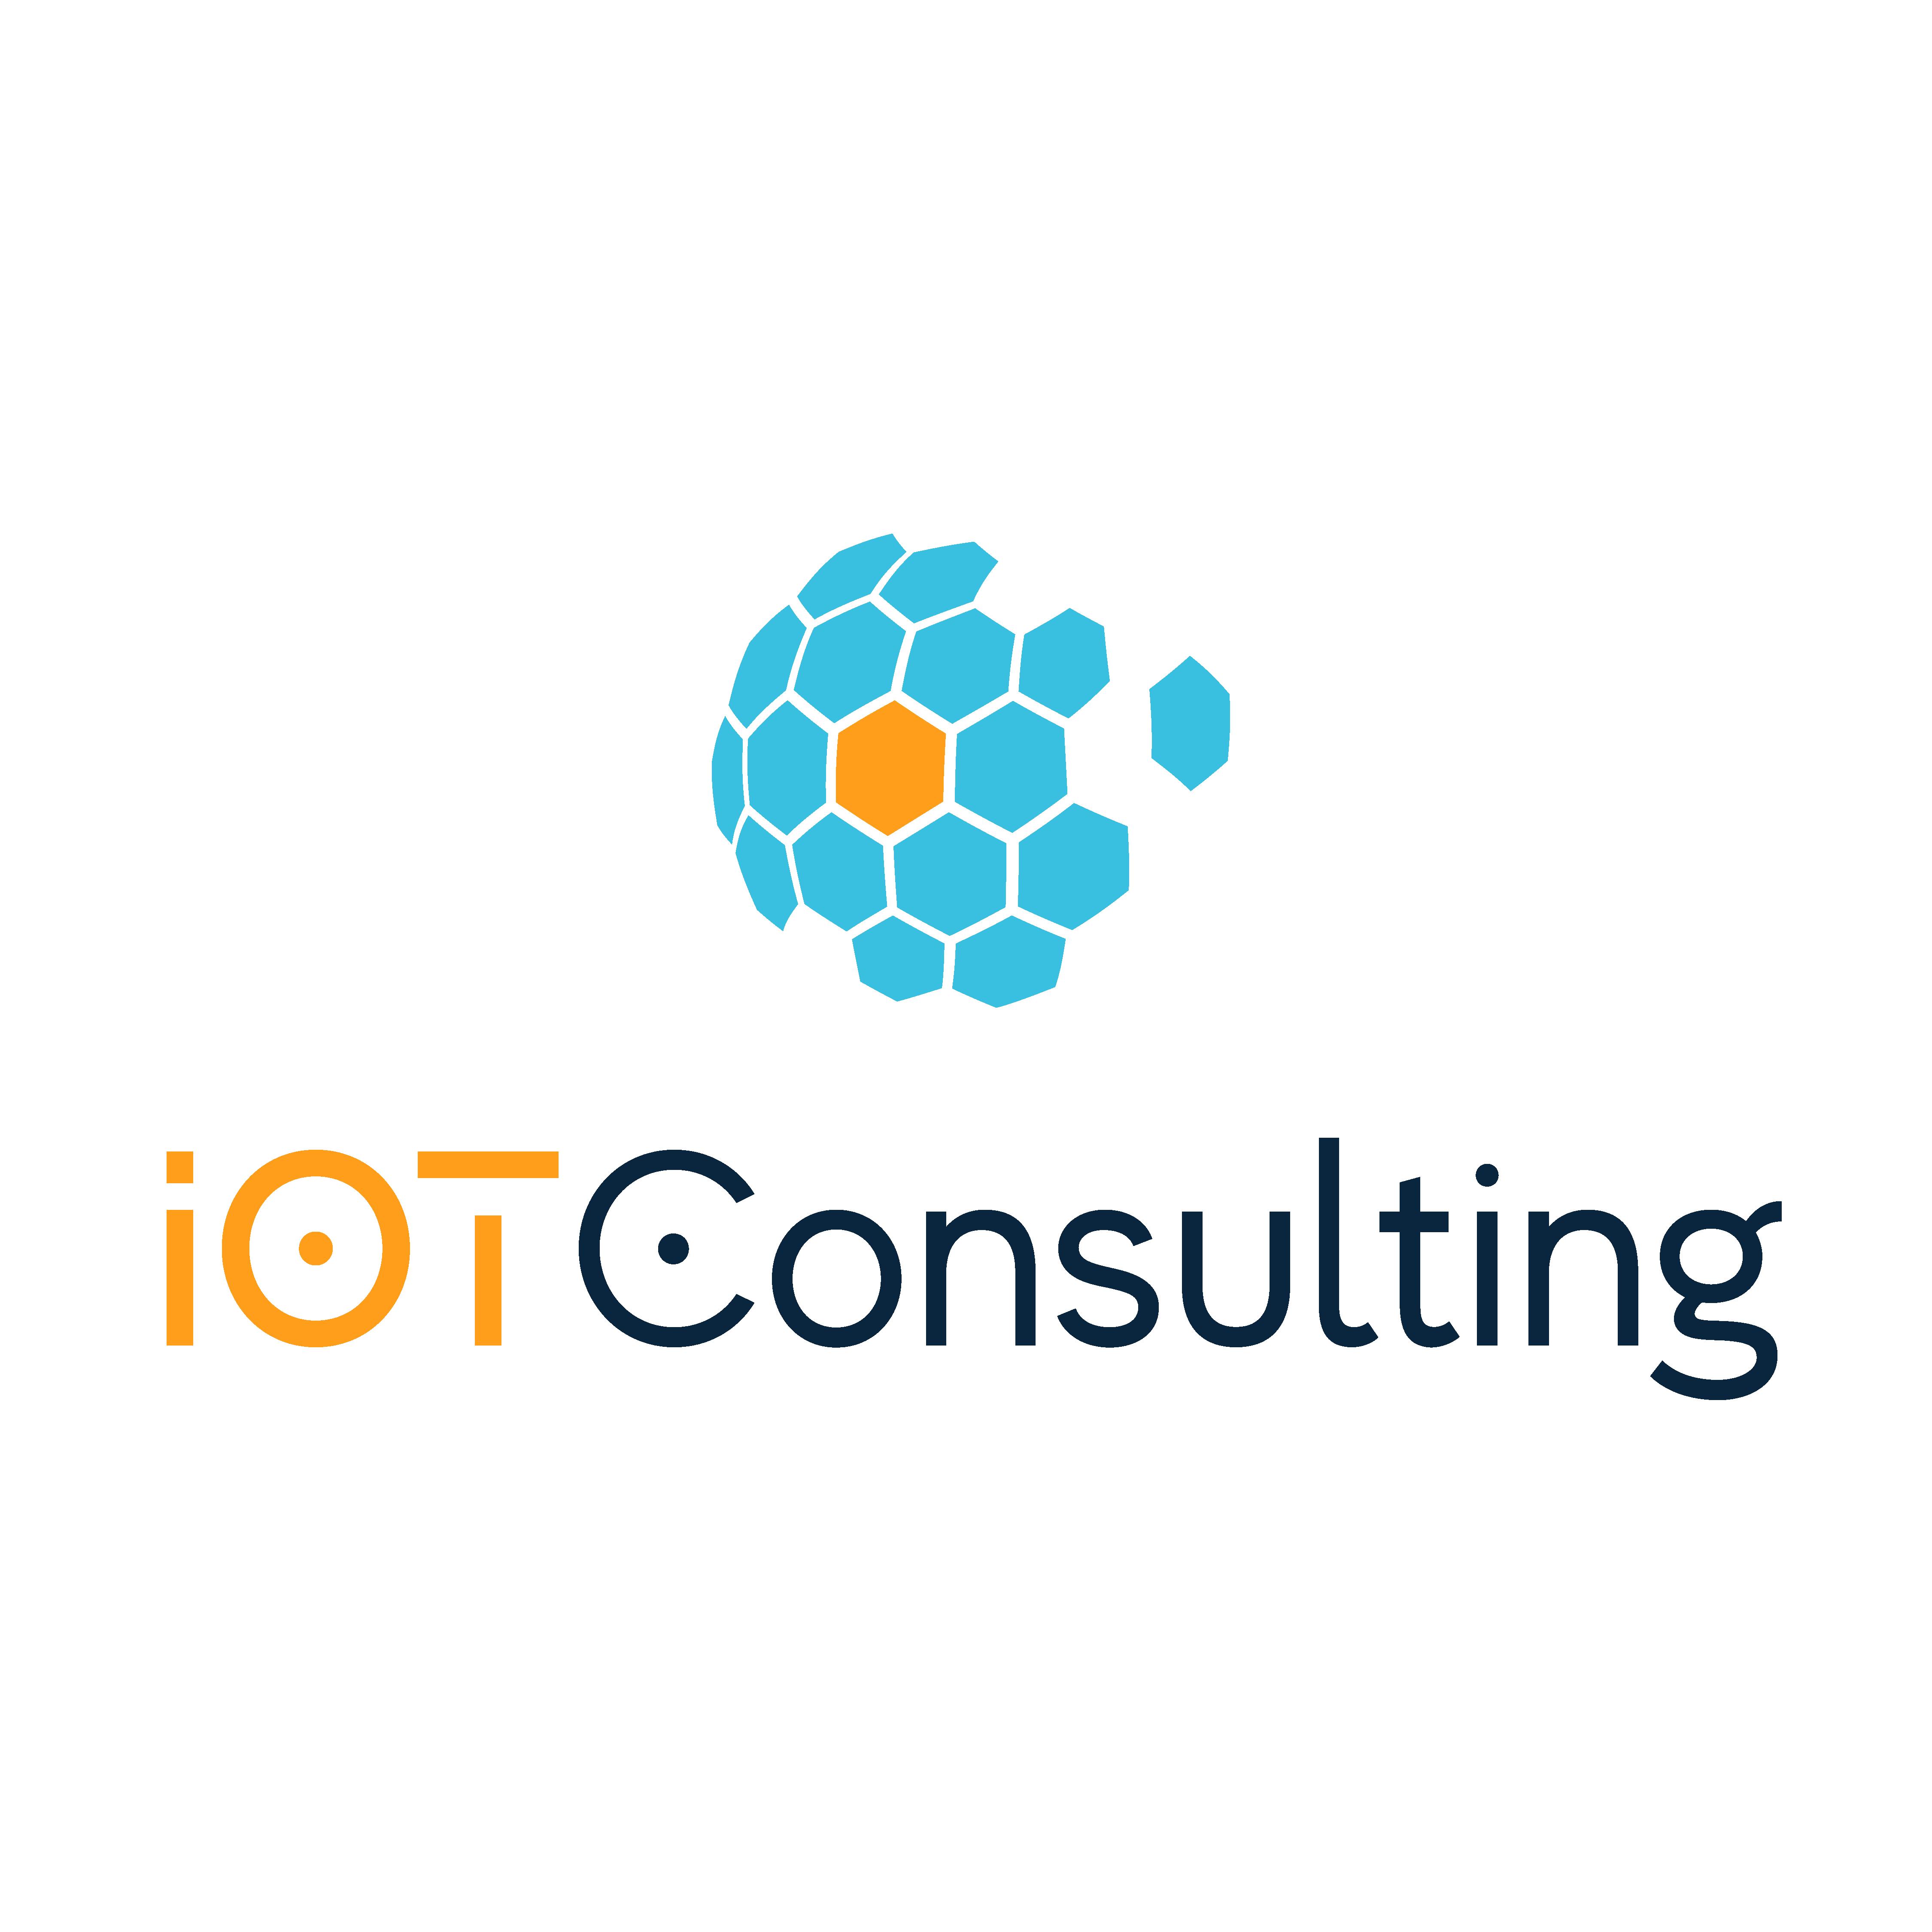 Formación en IoT